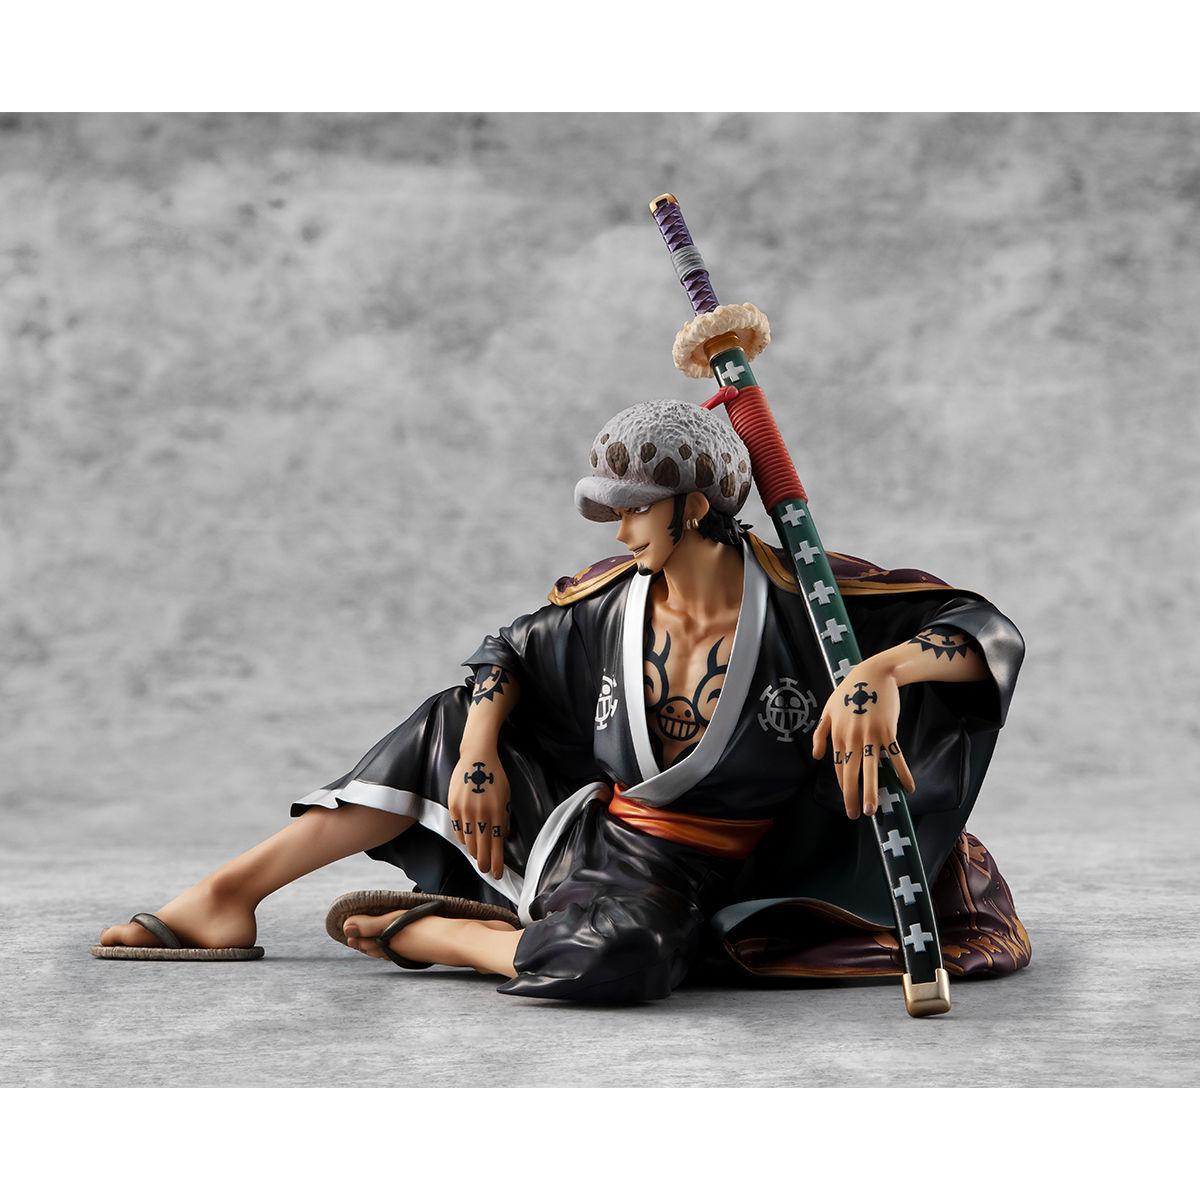 """【限定販売】Portrait.Of.Pirates ワンピース """"Warriors Alliance""""『トラファルガー・ロー』完成品フィギュア-004"""